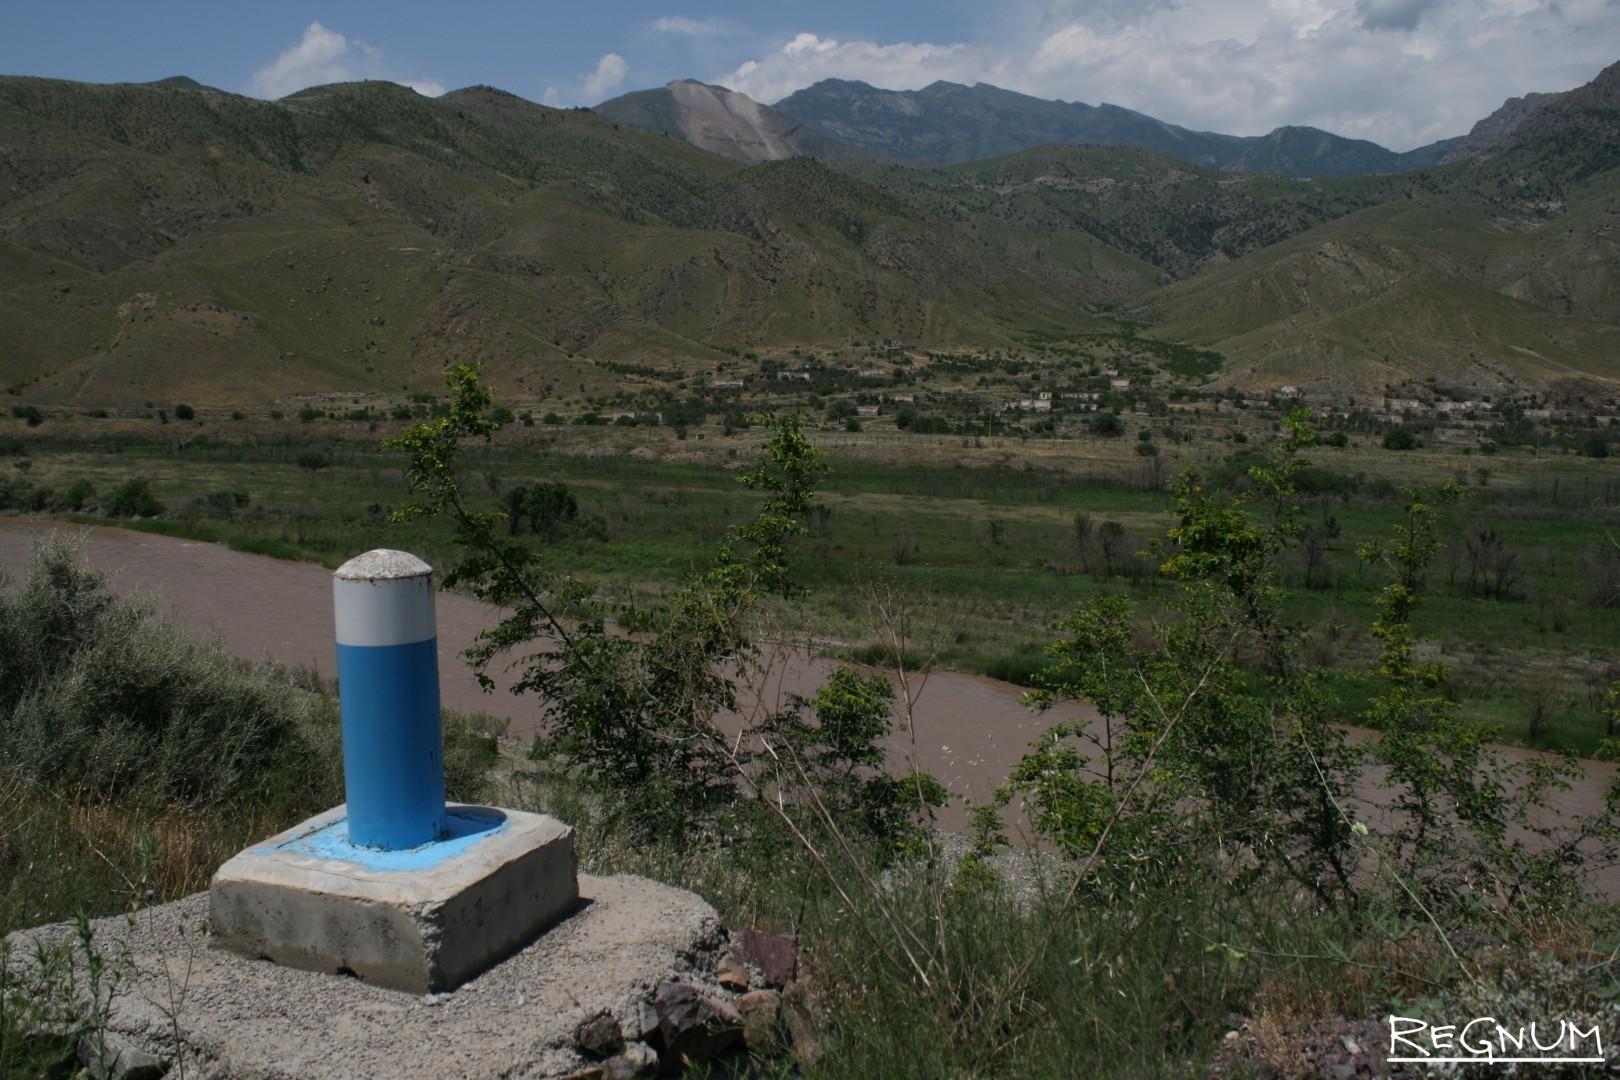 Иран, провинция Западный Азербайджан. Столбик — граница. За рекой — территории, контролируемые Нагорным Карабахом